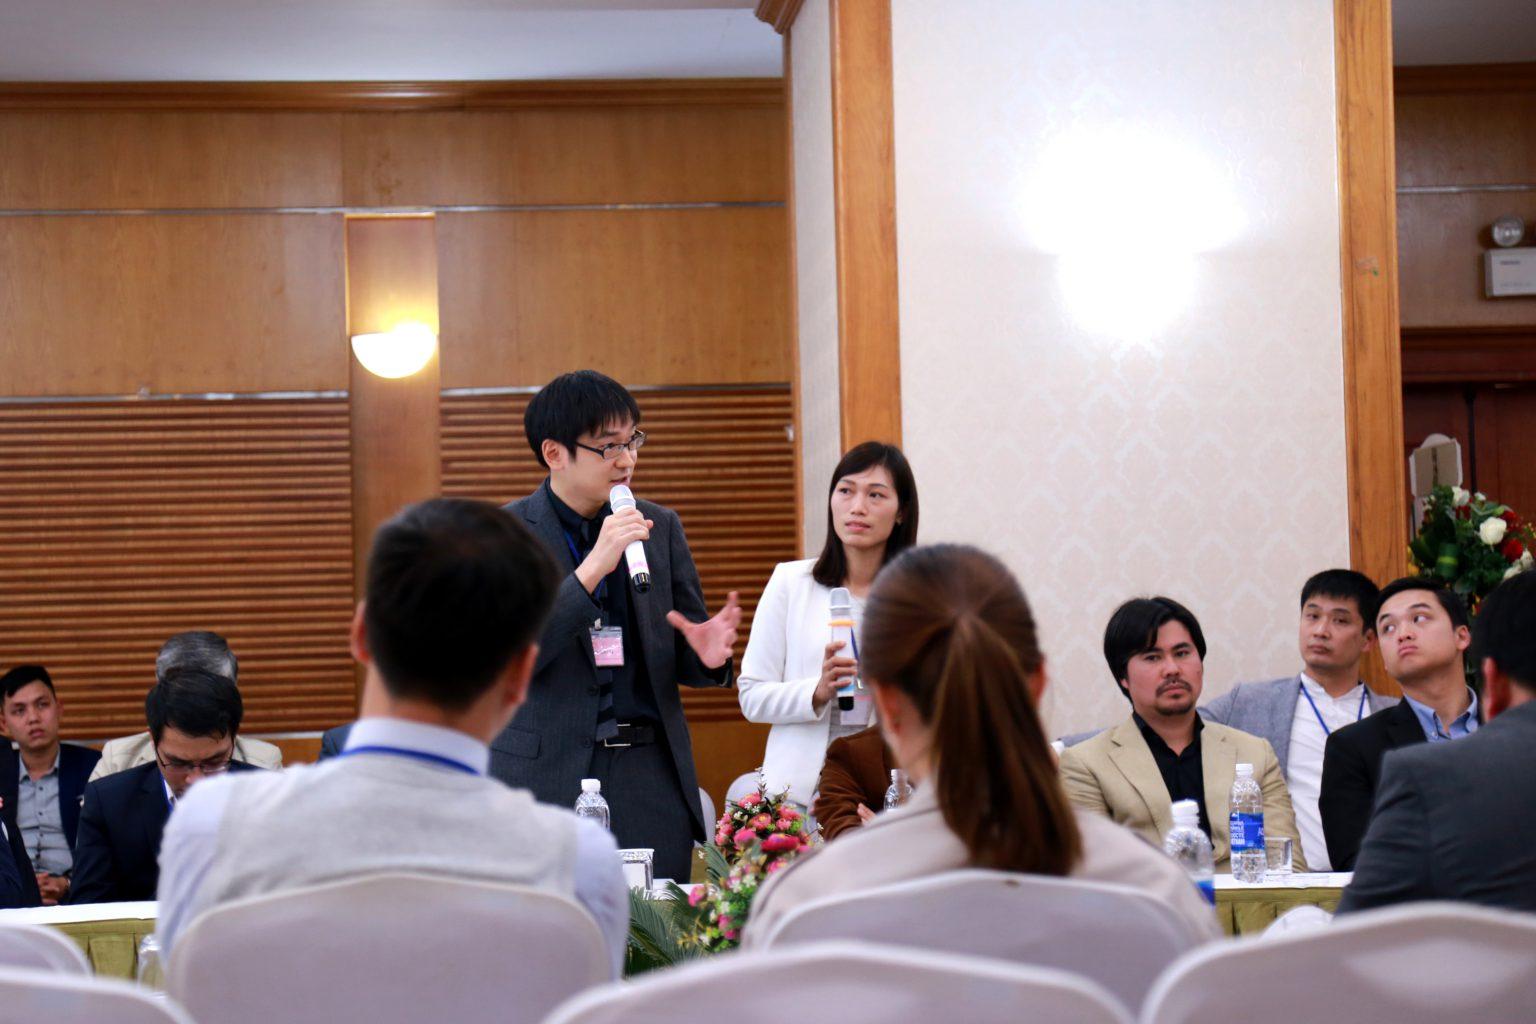 Tập đoàn Nam Cường tổ chức gặp gỡ các đối tác nhân dịp đầu xuân Canh Tý 2020